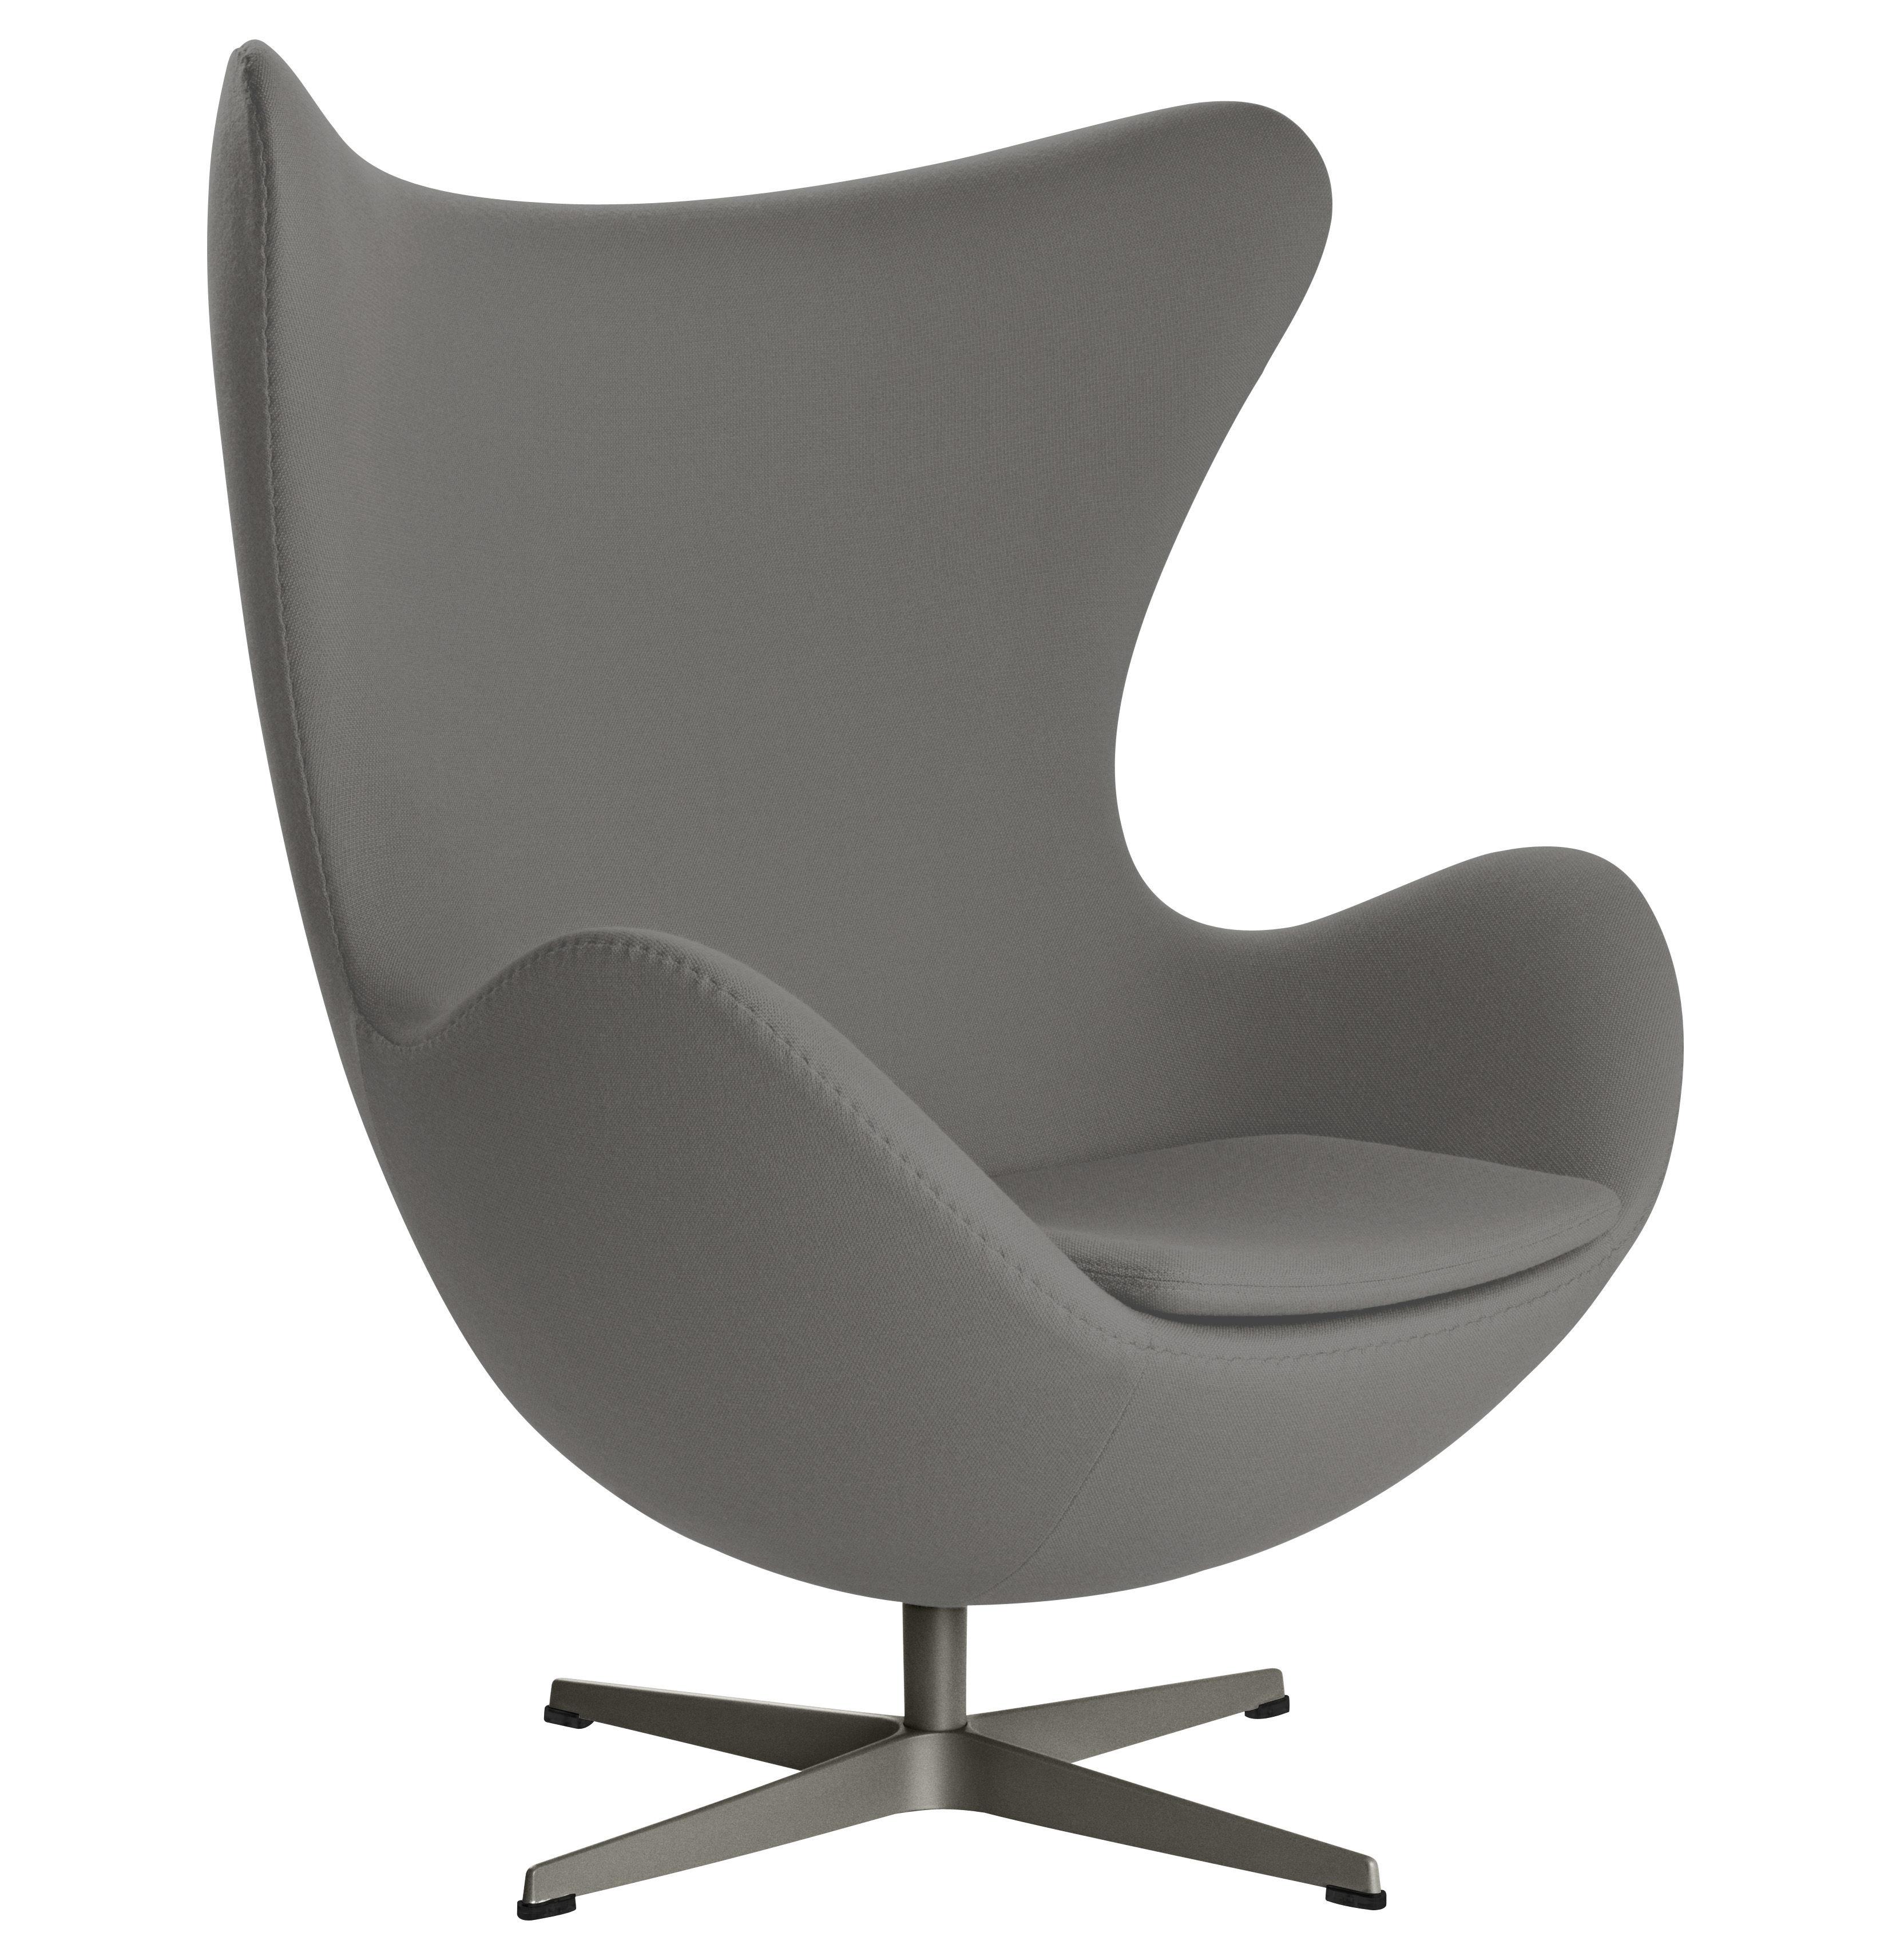 Fauteuil pivotant egg chair rembourr tissu gabriele gris fonc fritz h - Fauteuil pivotant tissu ...